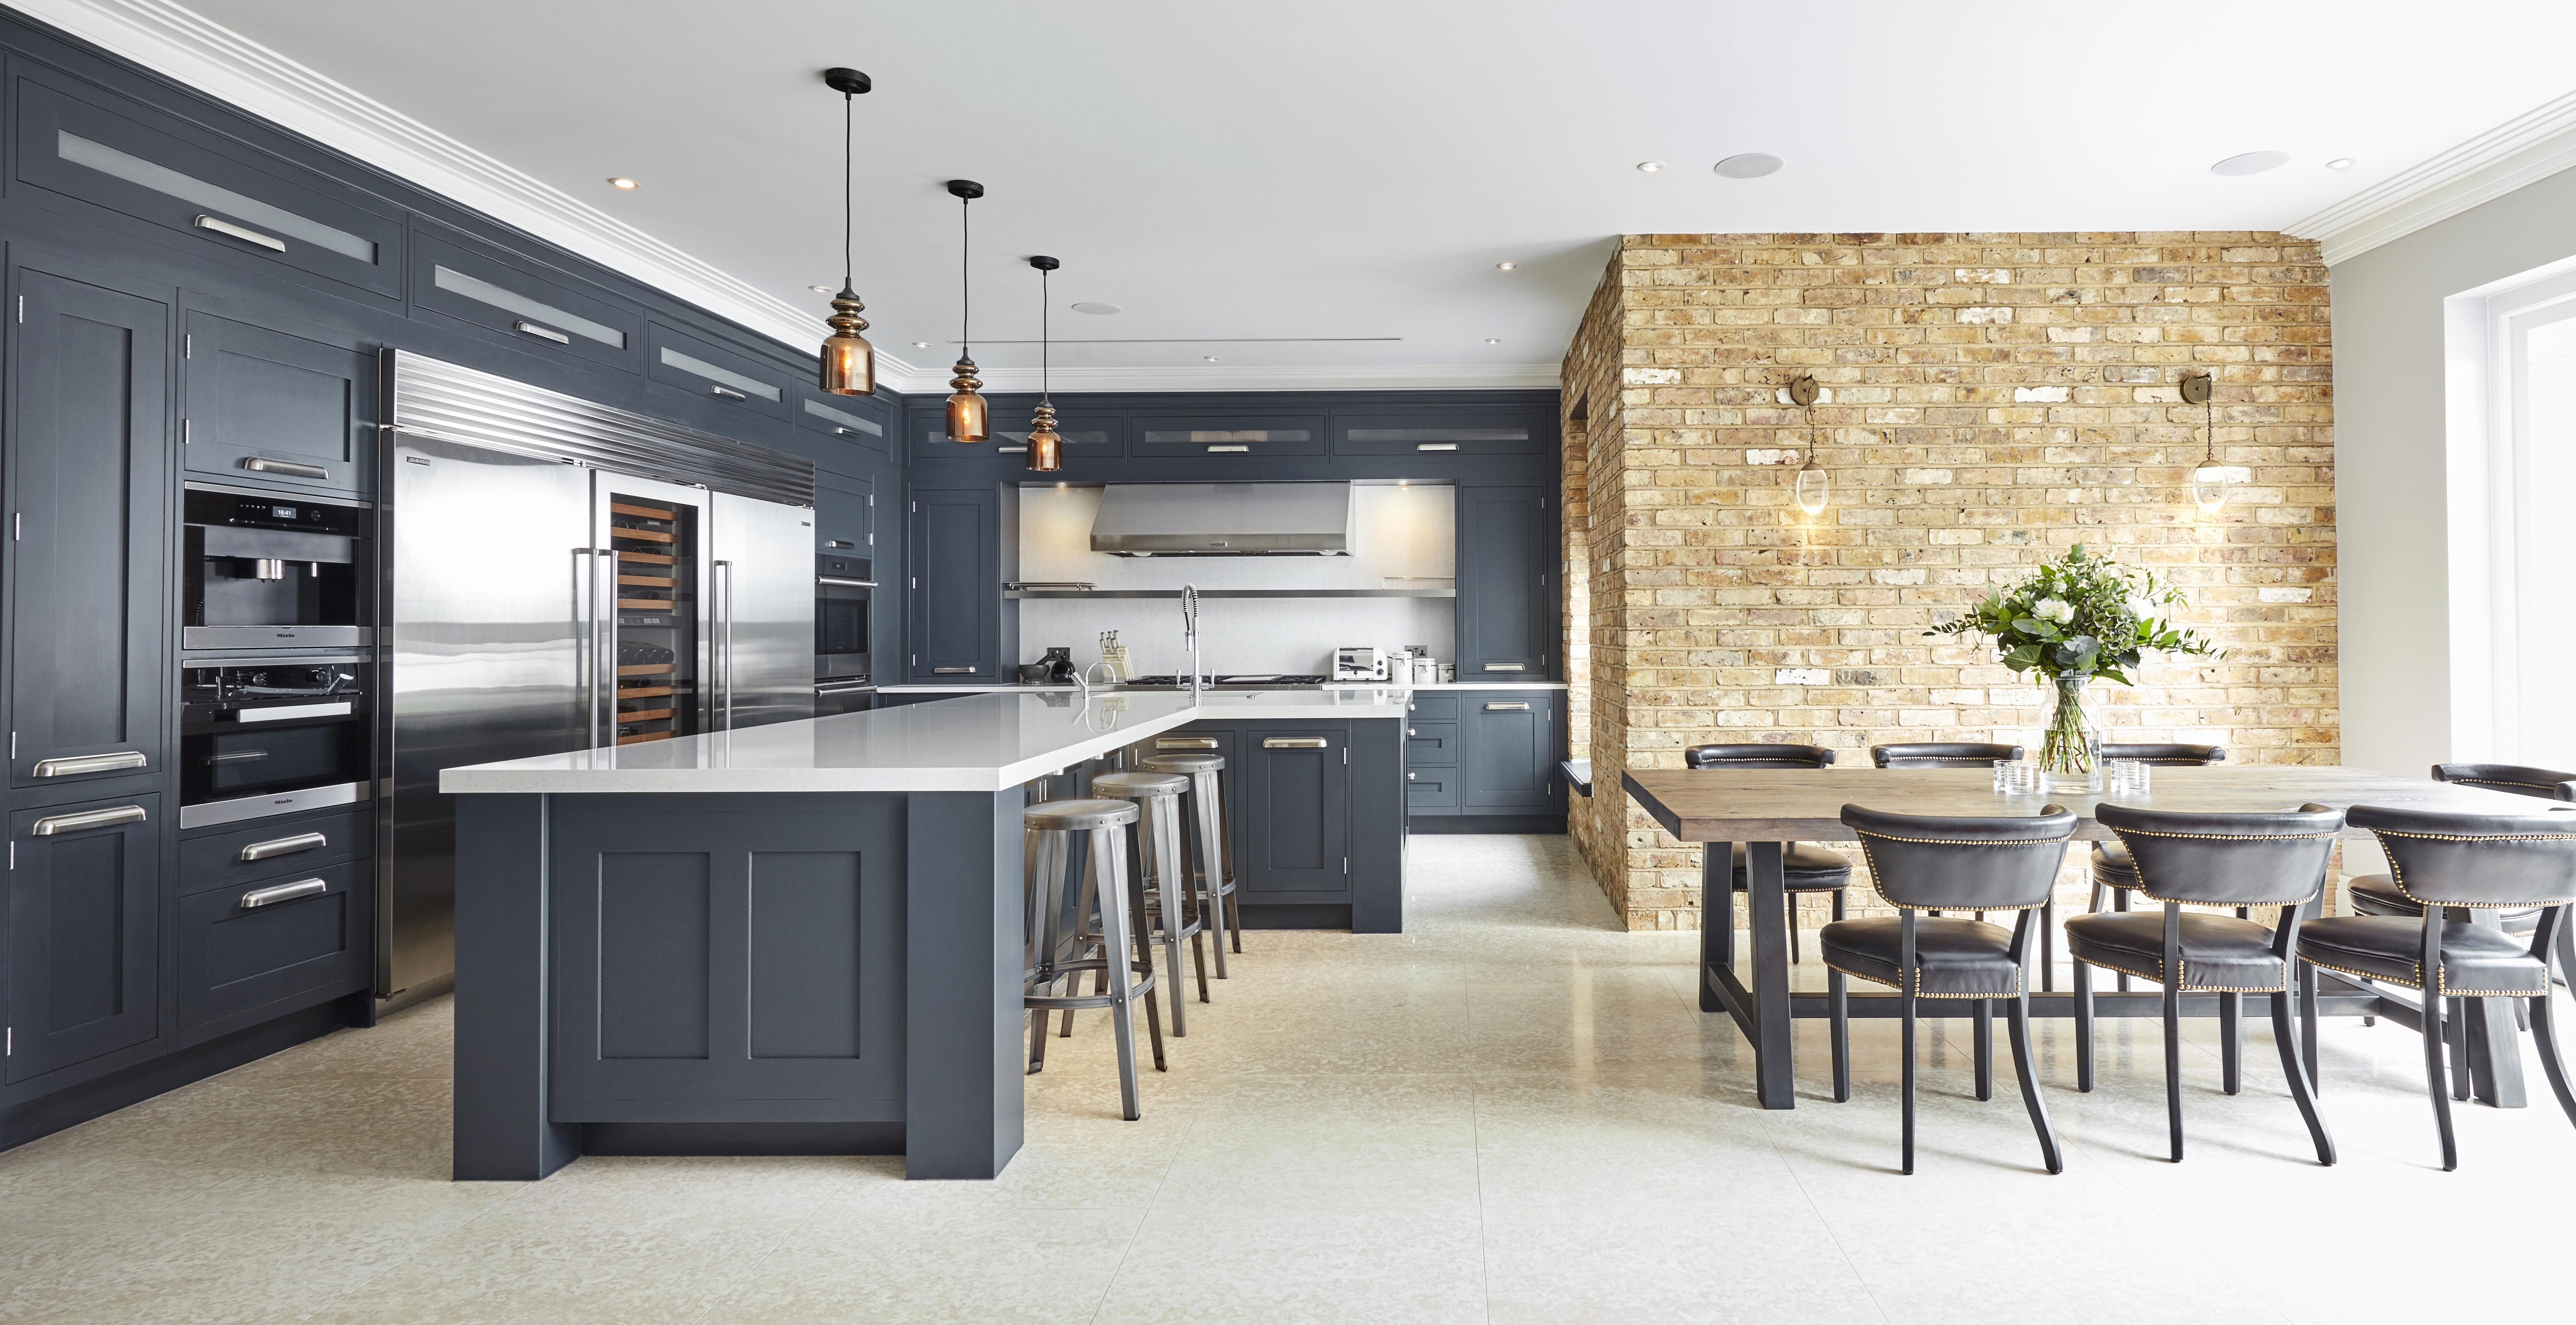 Luxuriöses Küche Designs LuxusKüche Designs Muster in